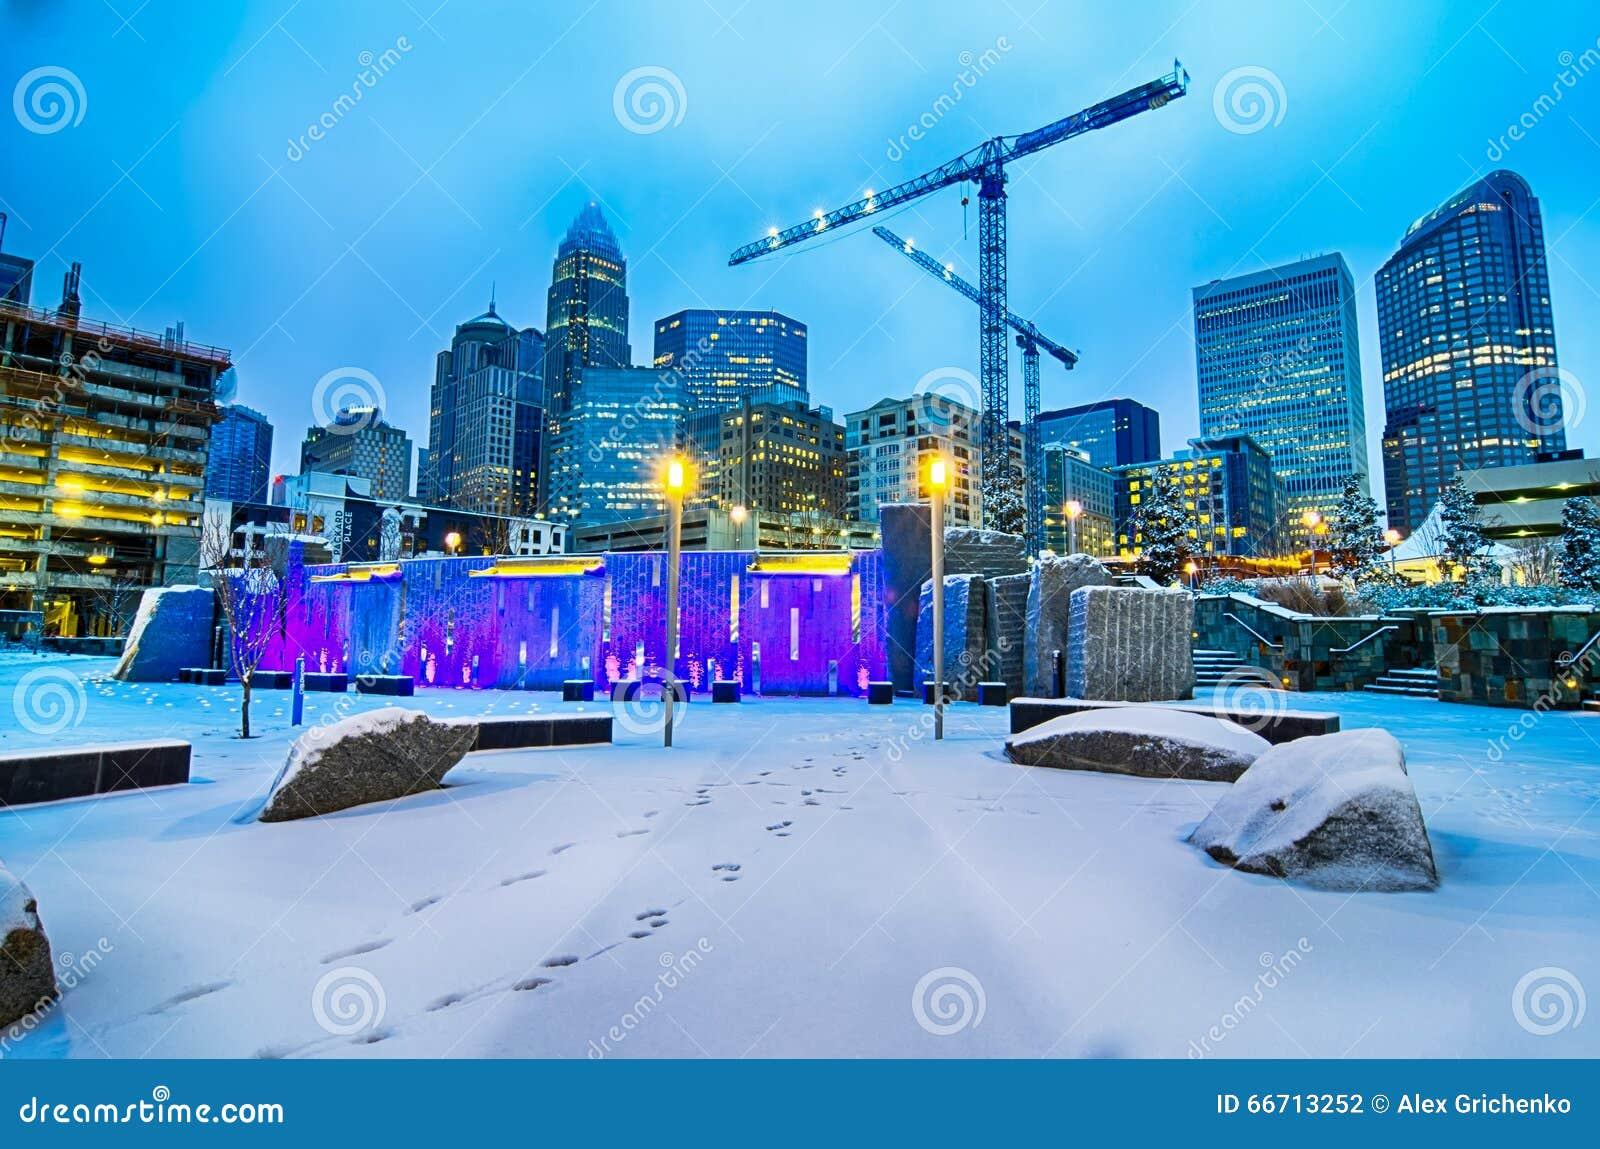 Rare Winter Weather In Charlotte North Carolina Editorial